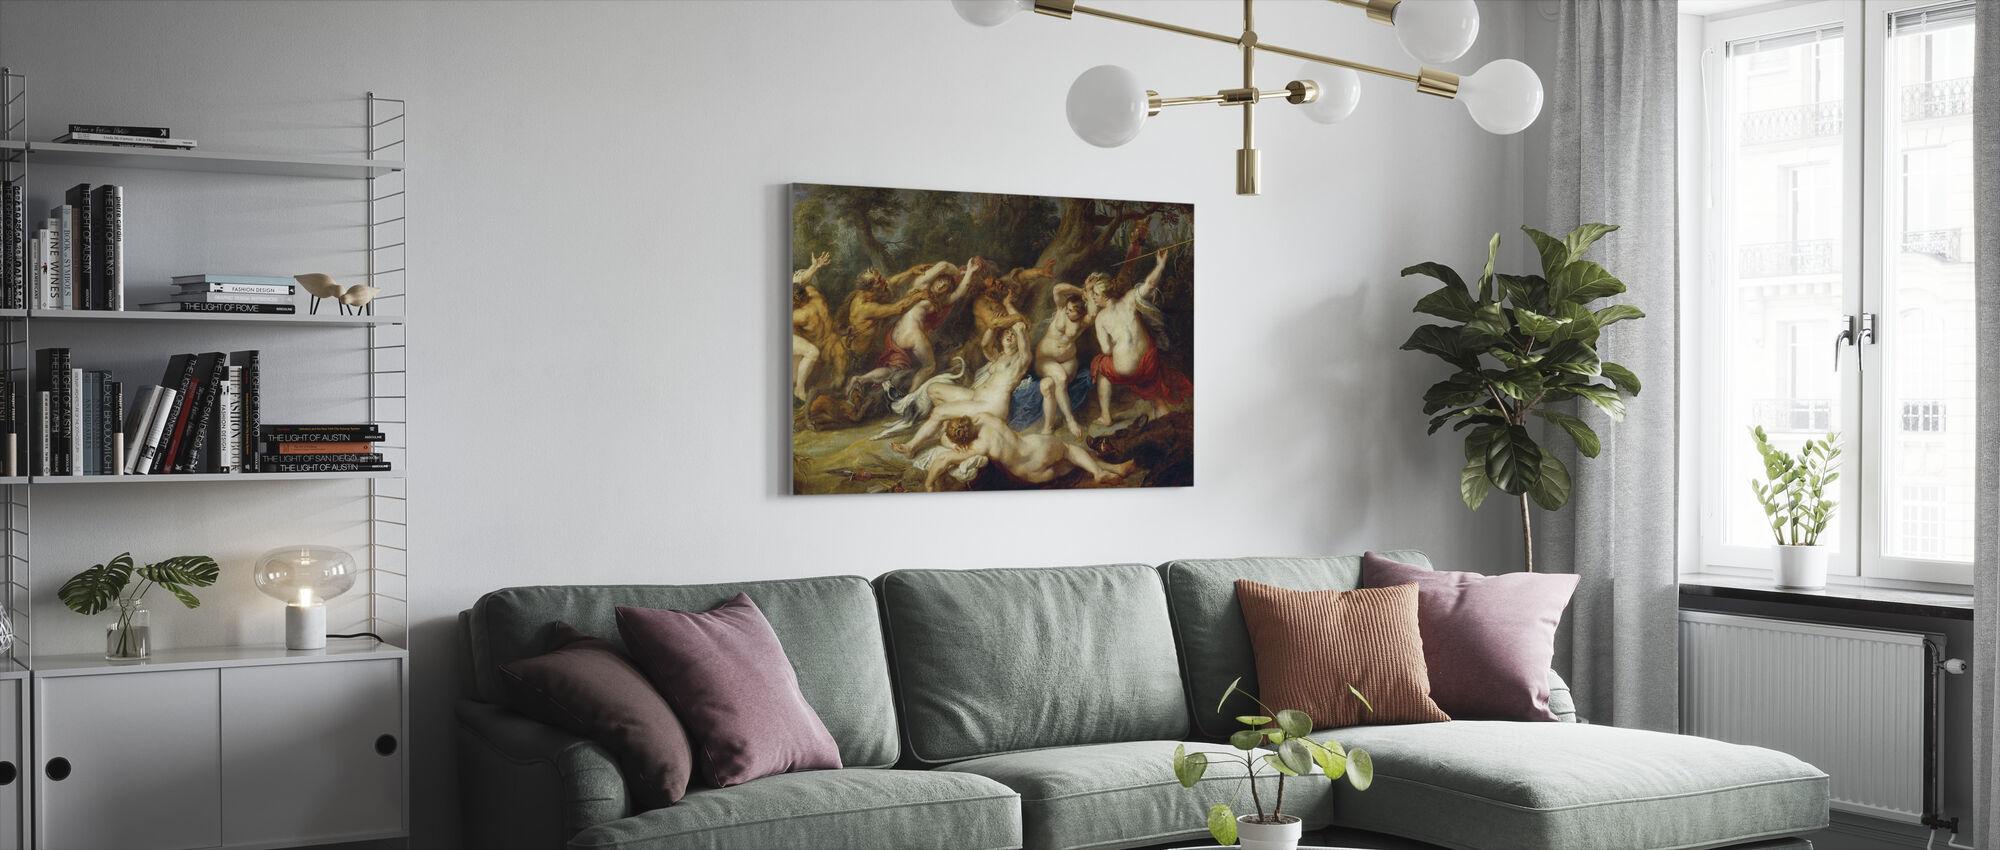 Diana i jej nimfy, Peter Paul Rubens - Obraz na płótnie - Pokój dzienny